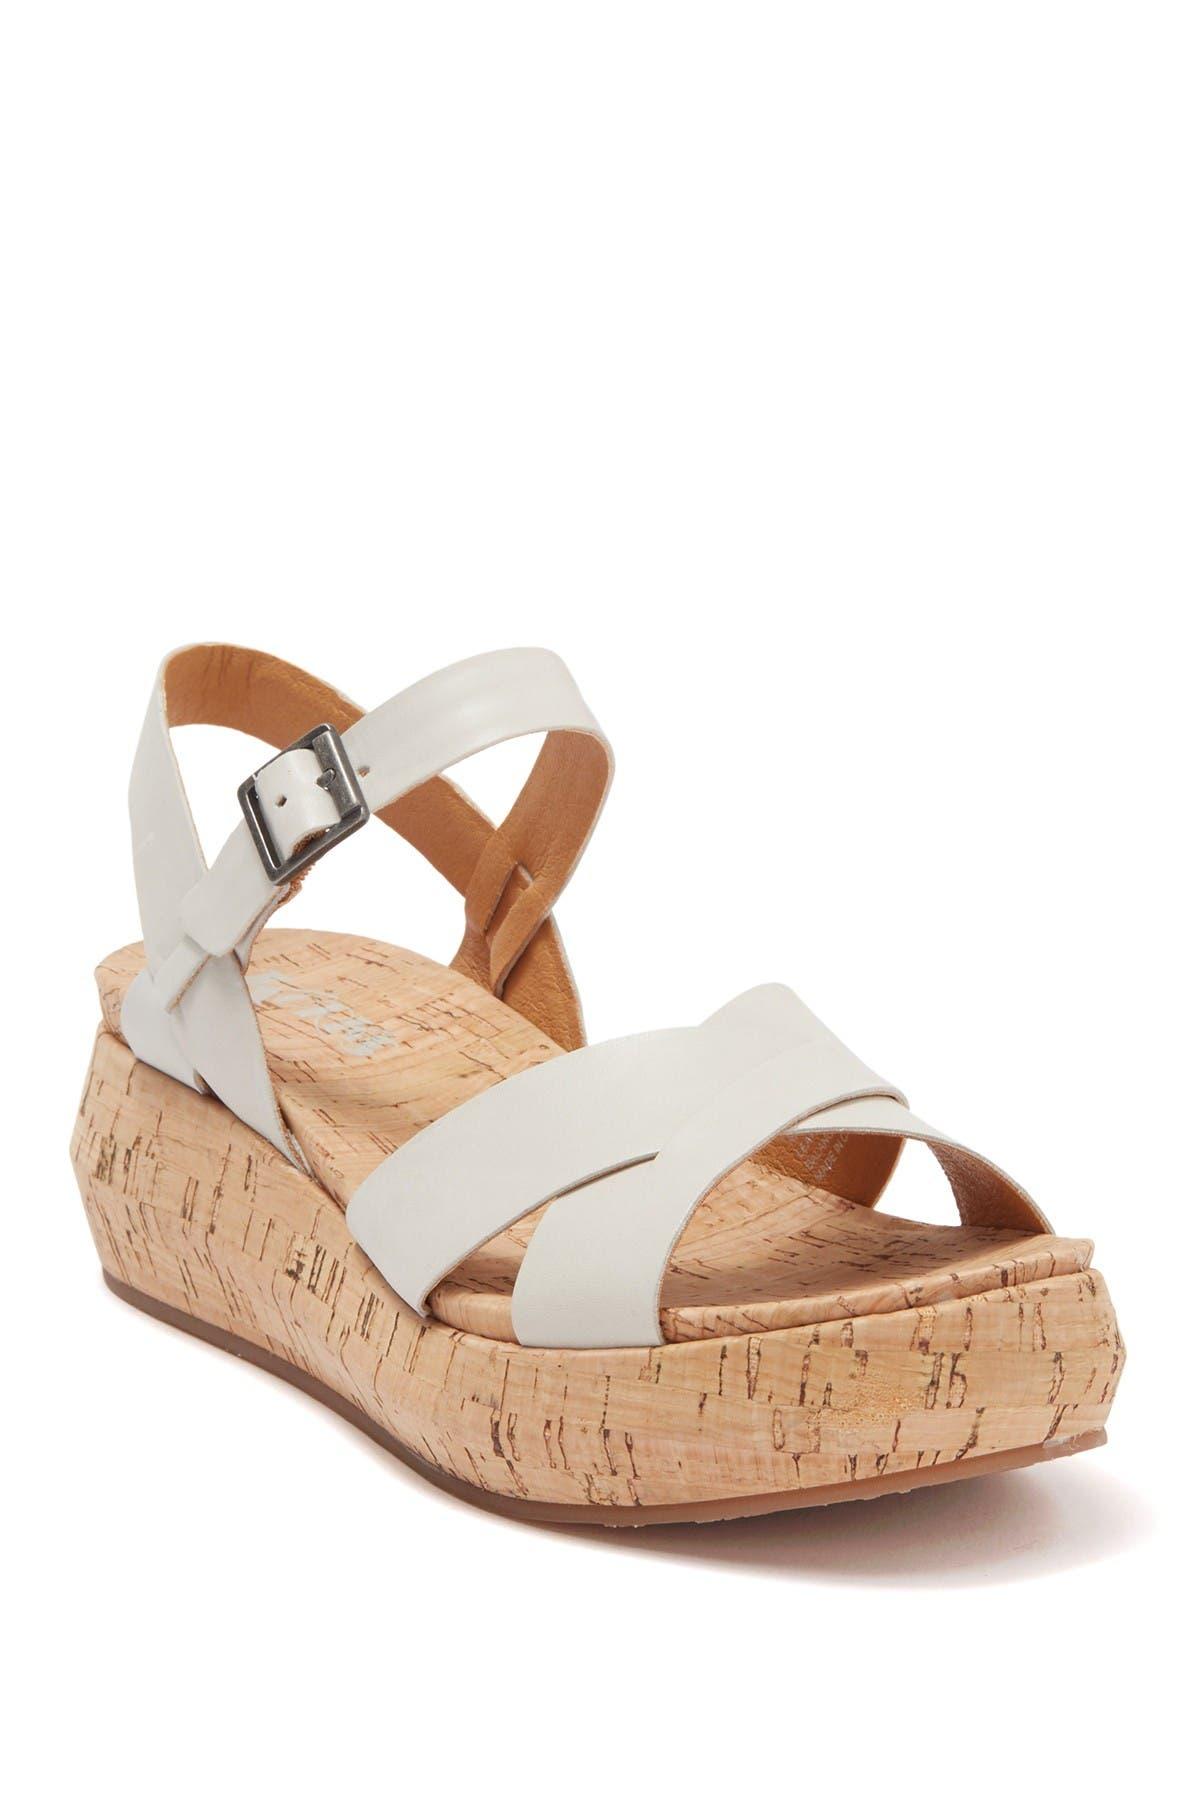 Image of KORKS Kalie Leather Cork Platform Sandal